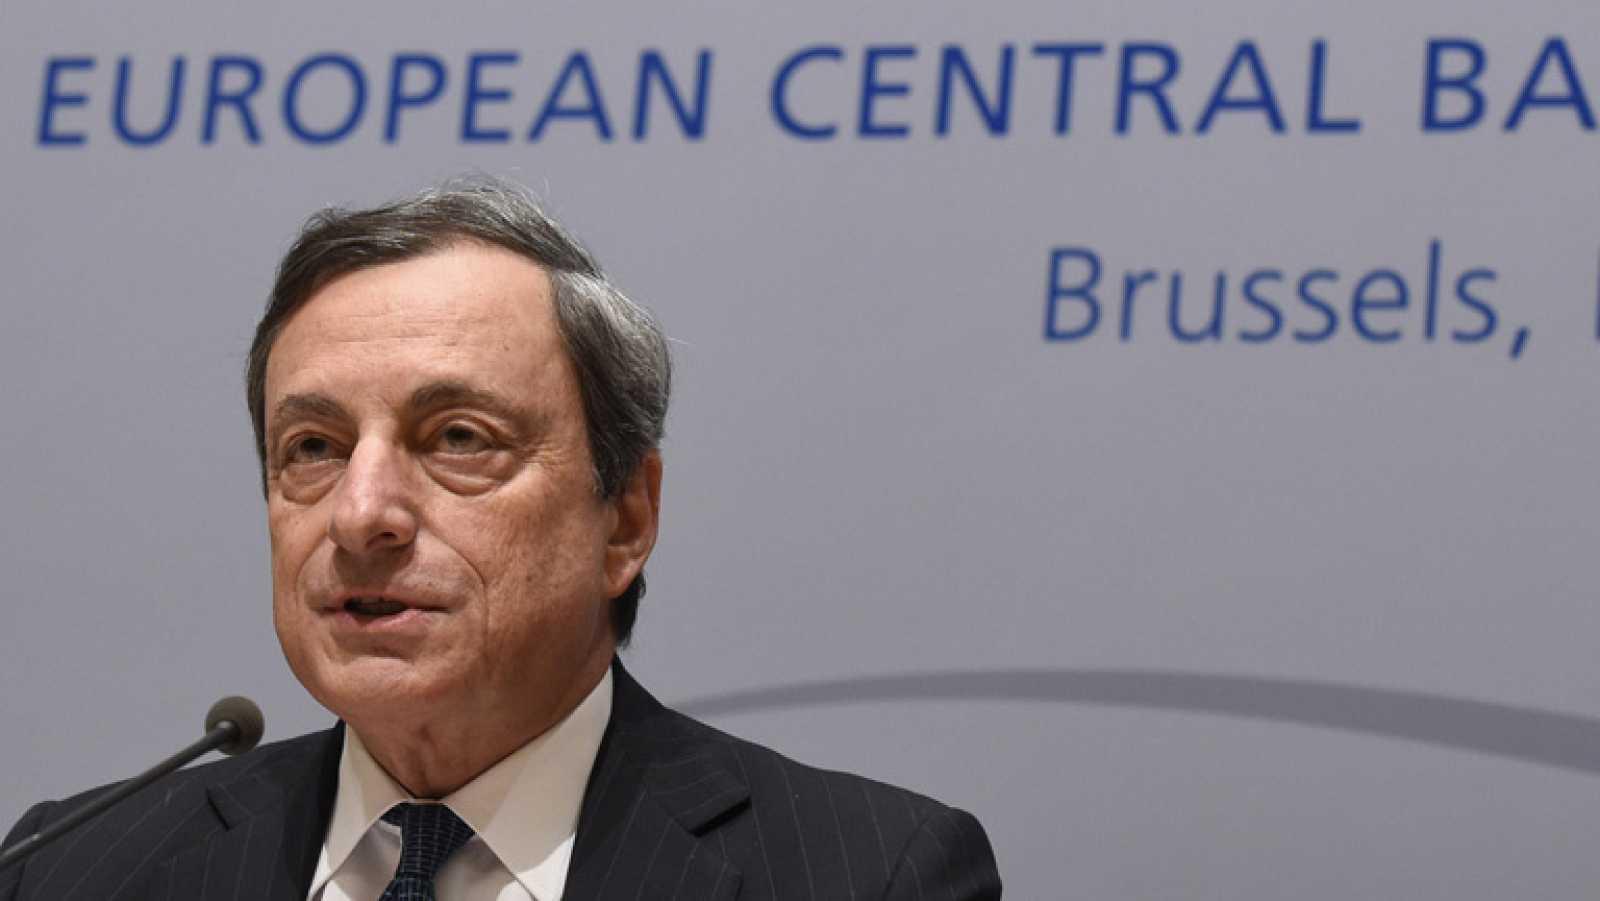 El presidente del BCE dice que hay consenso para actuar en junio si la inflación sigue baja